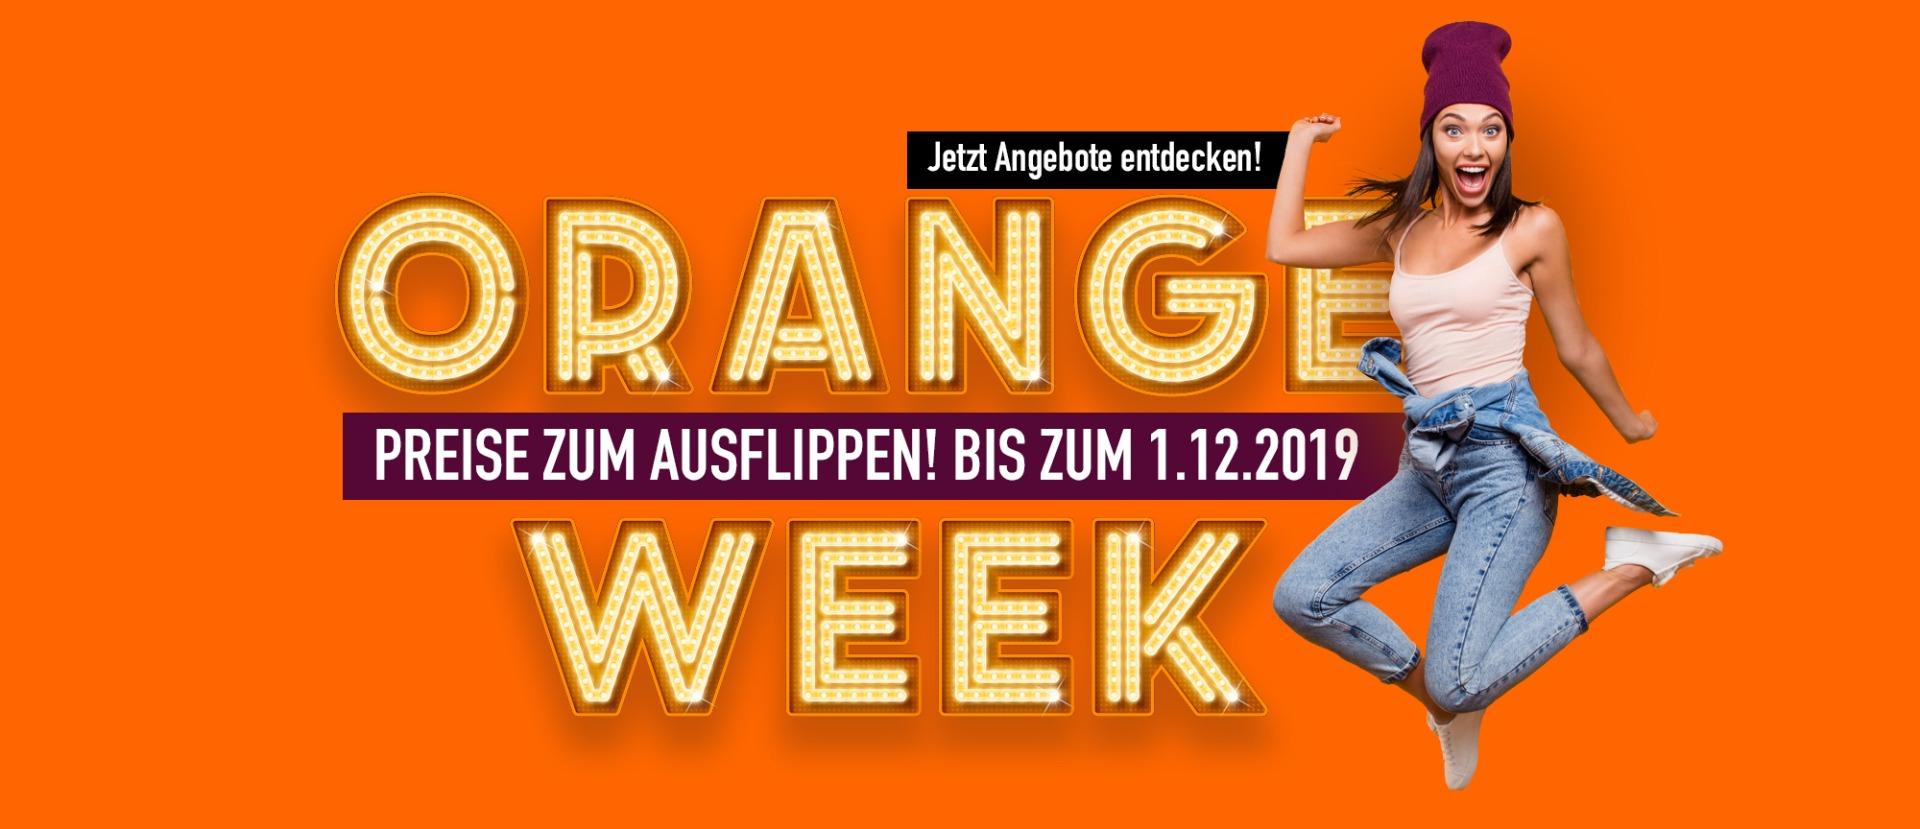 Sammeldeal Rollei Orange Week - z.B. Sony Funk-Fernauslöser 2,4GHz bis 50m Reichweite